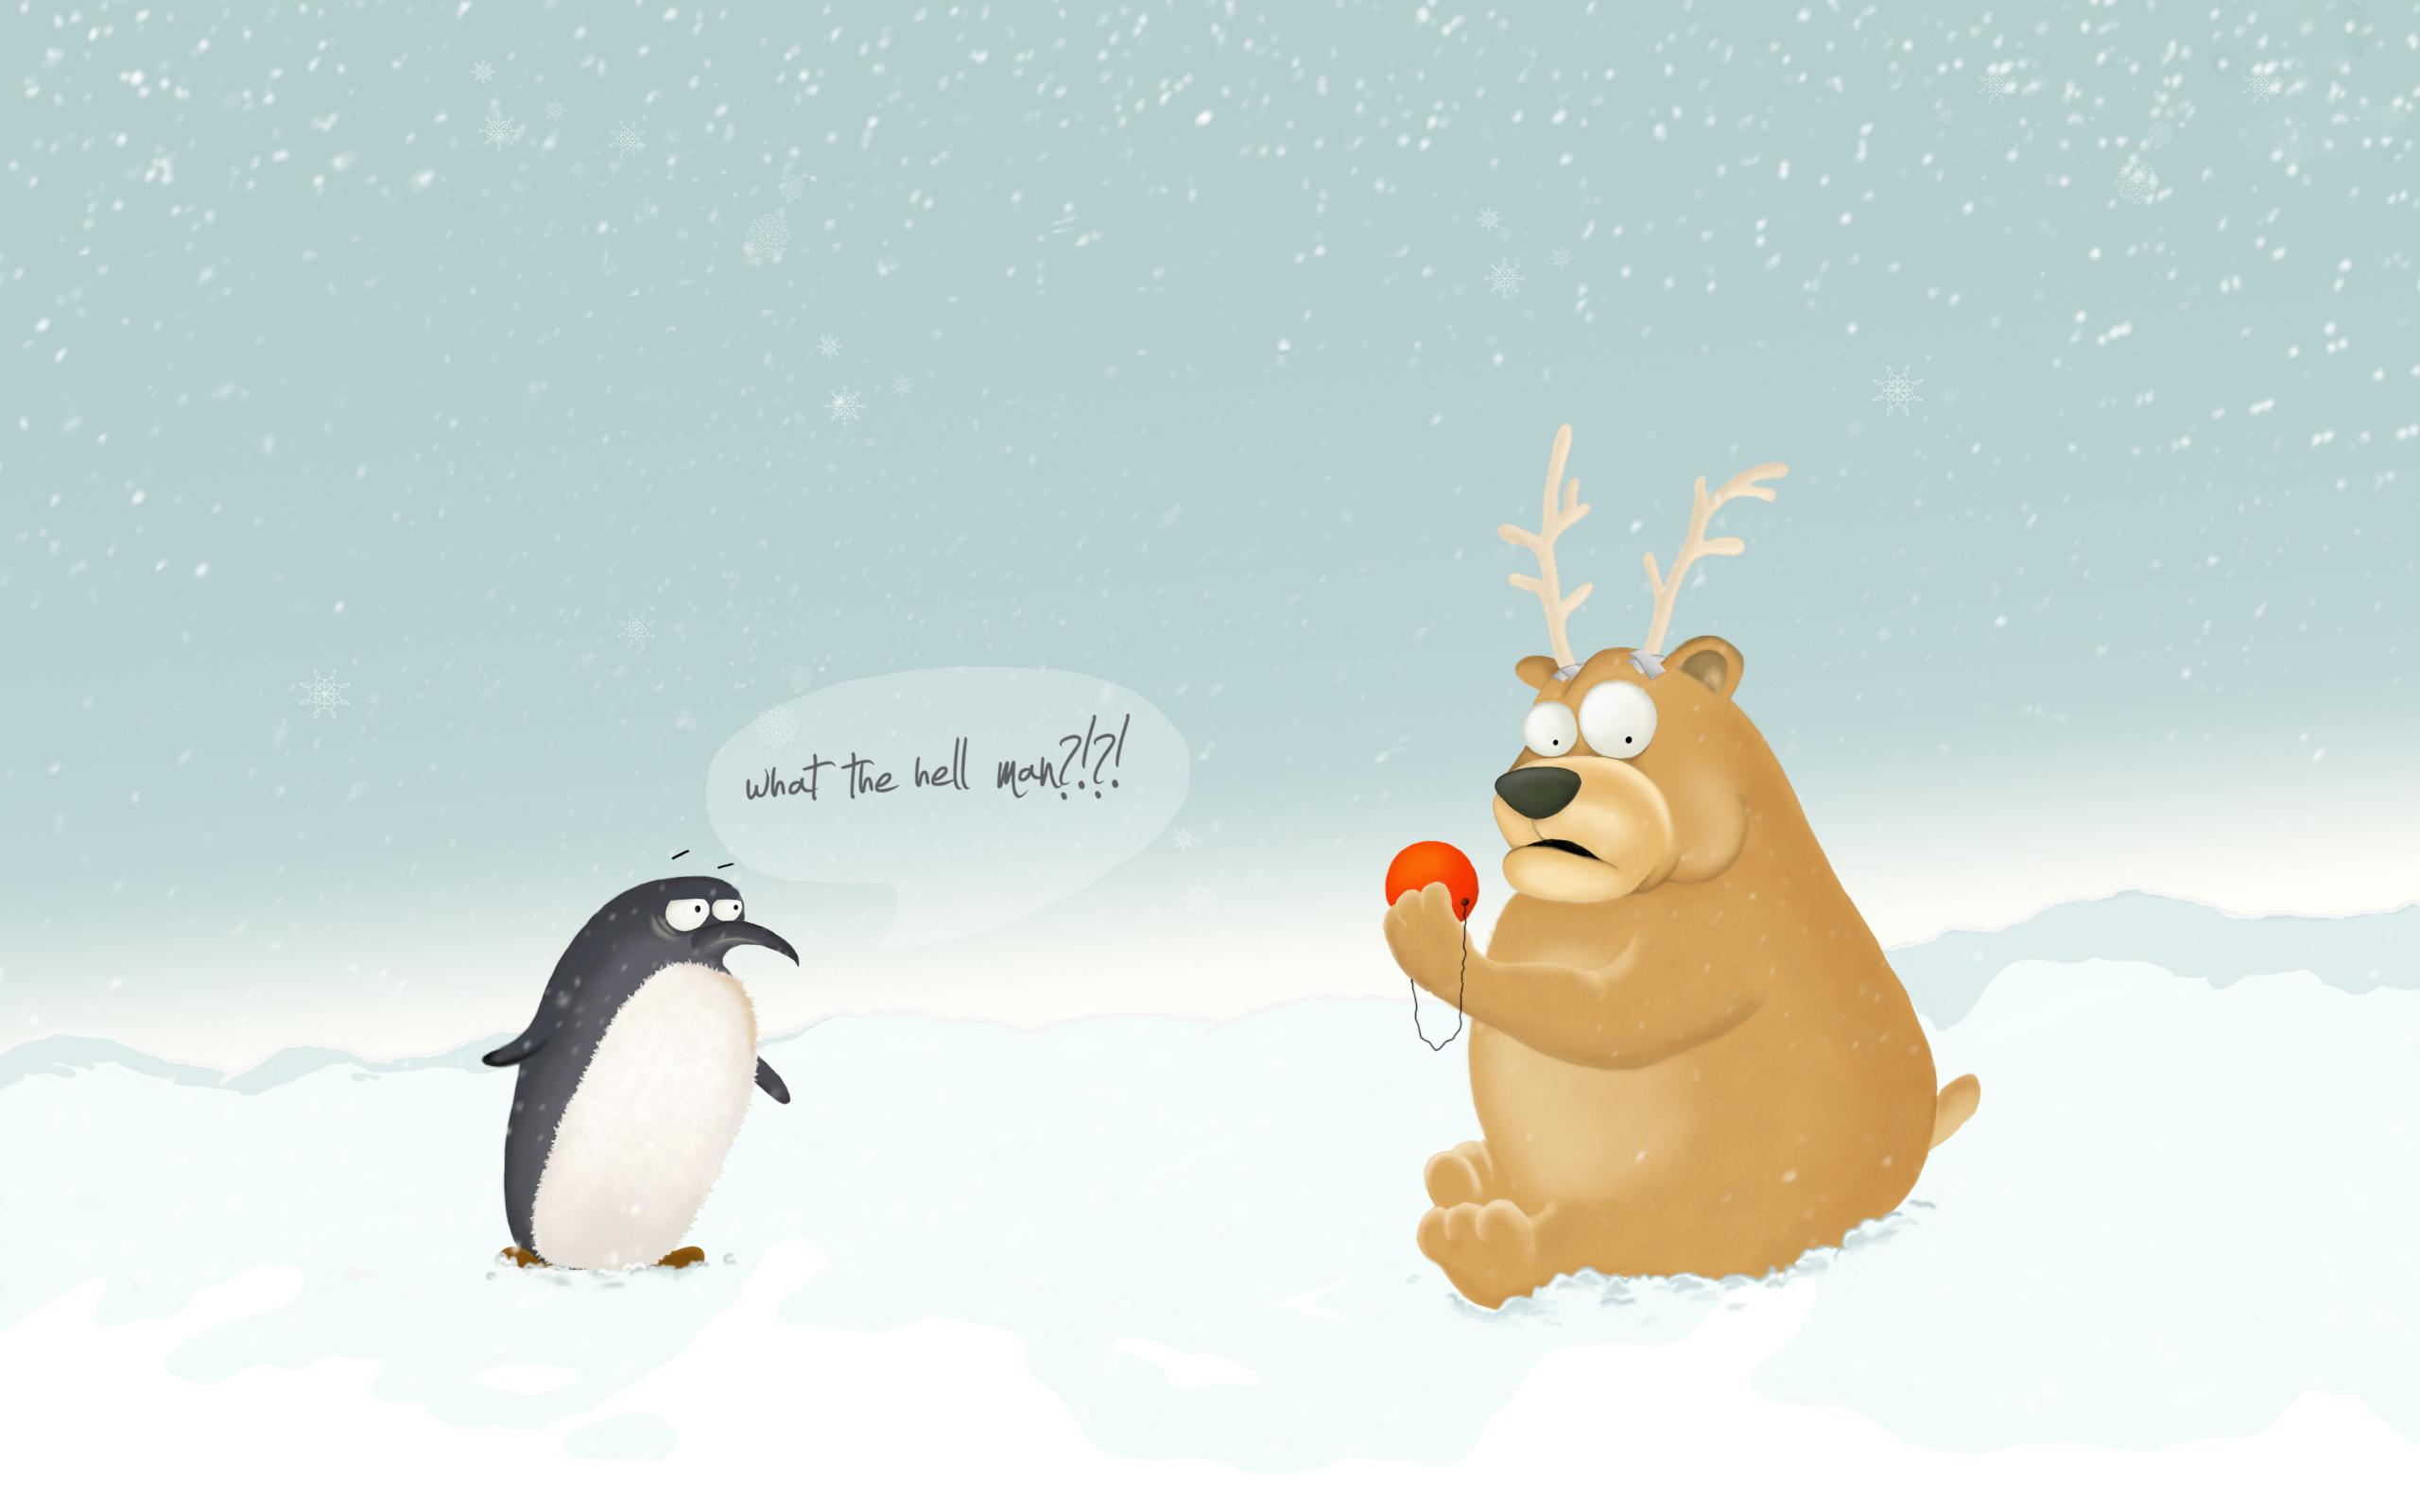 рождество,снежинки,снег,пингвиненок  № 442178 загрузить